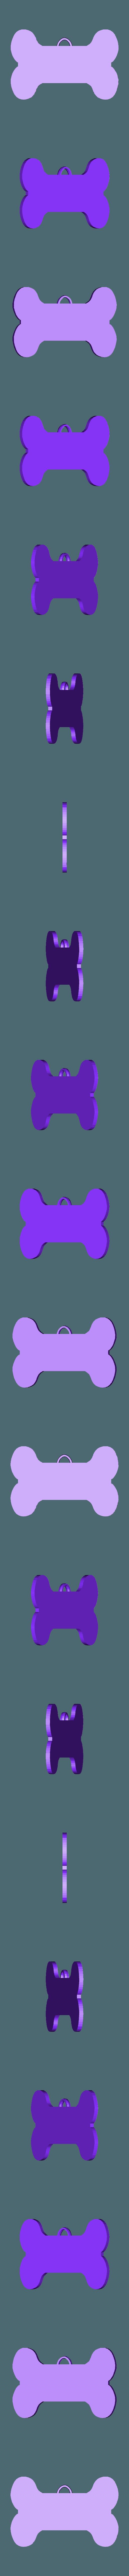 PLAQUITA MASCOTA HUESO.stl Télécharger fichier STL gratuit TAG DE CHIEN (OS) • Objet à imprimer en 3D, sublimacolorcancun